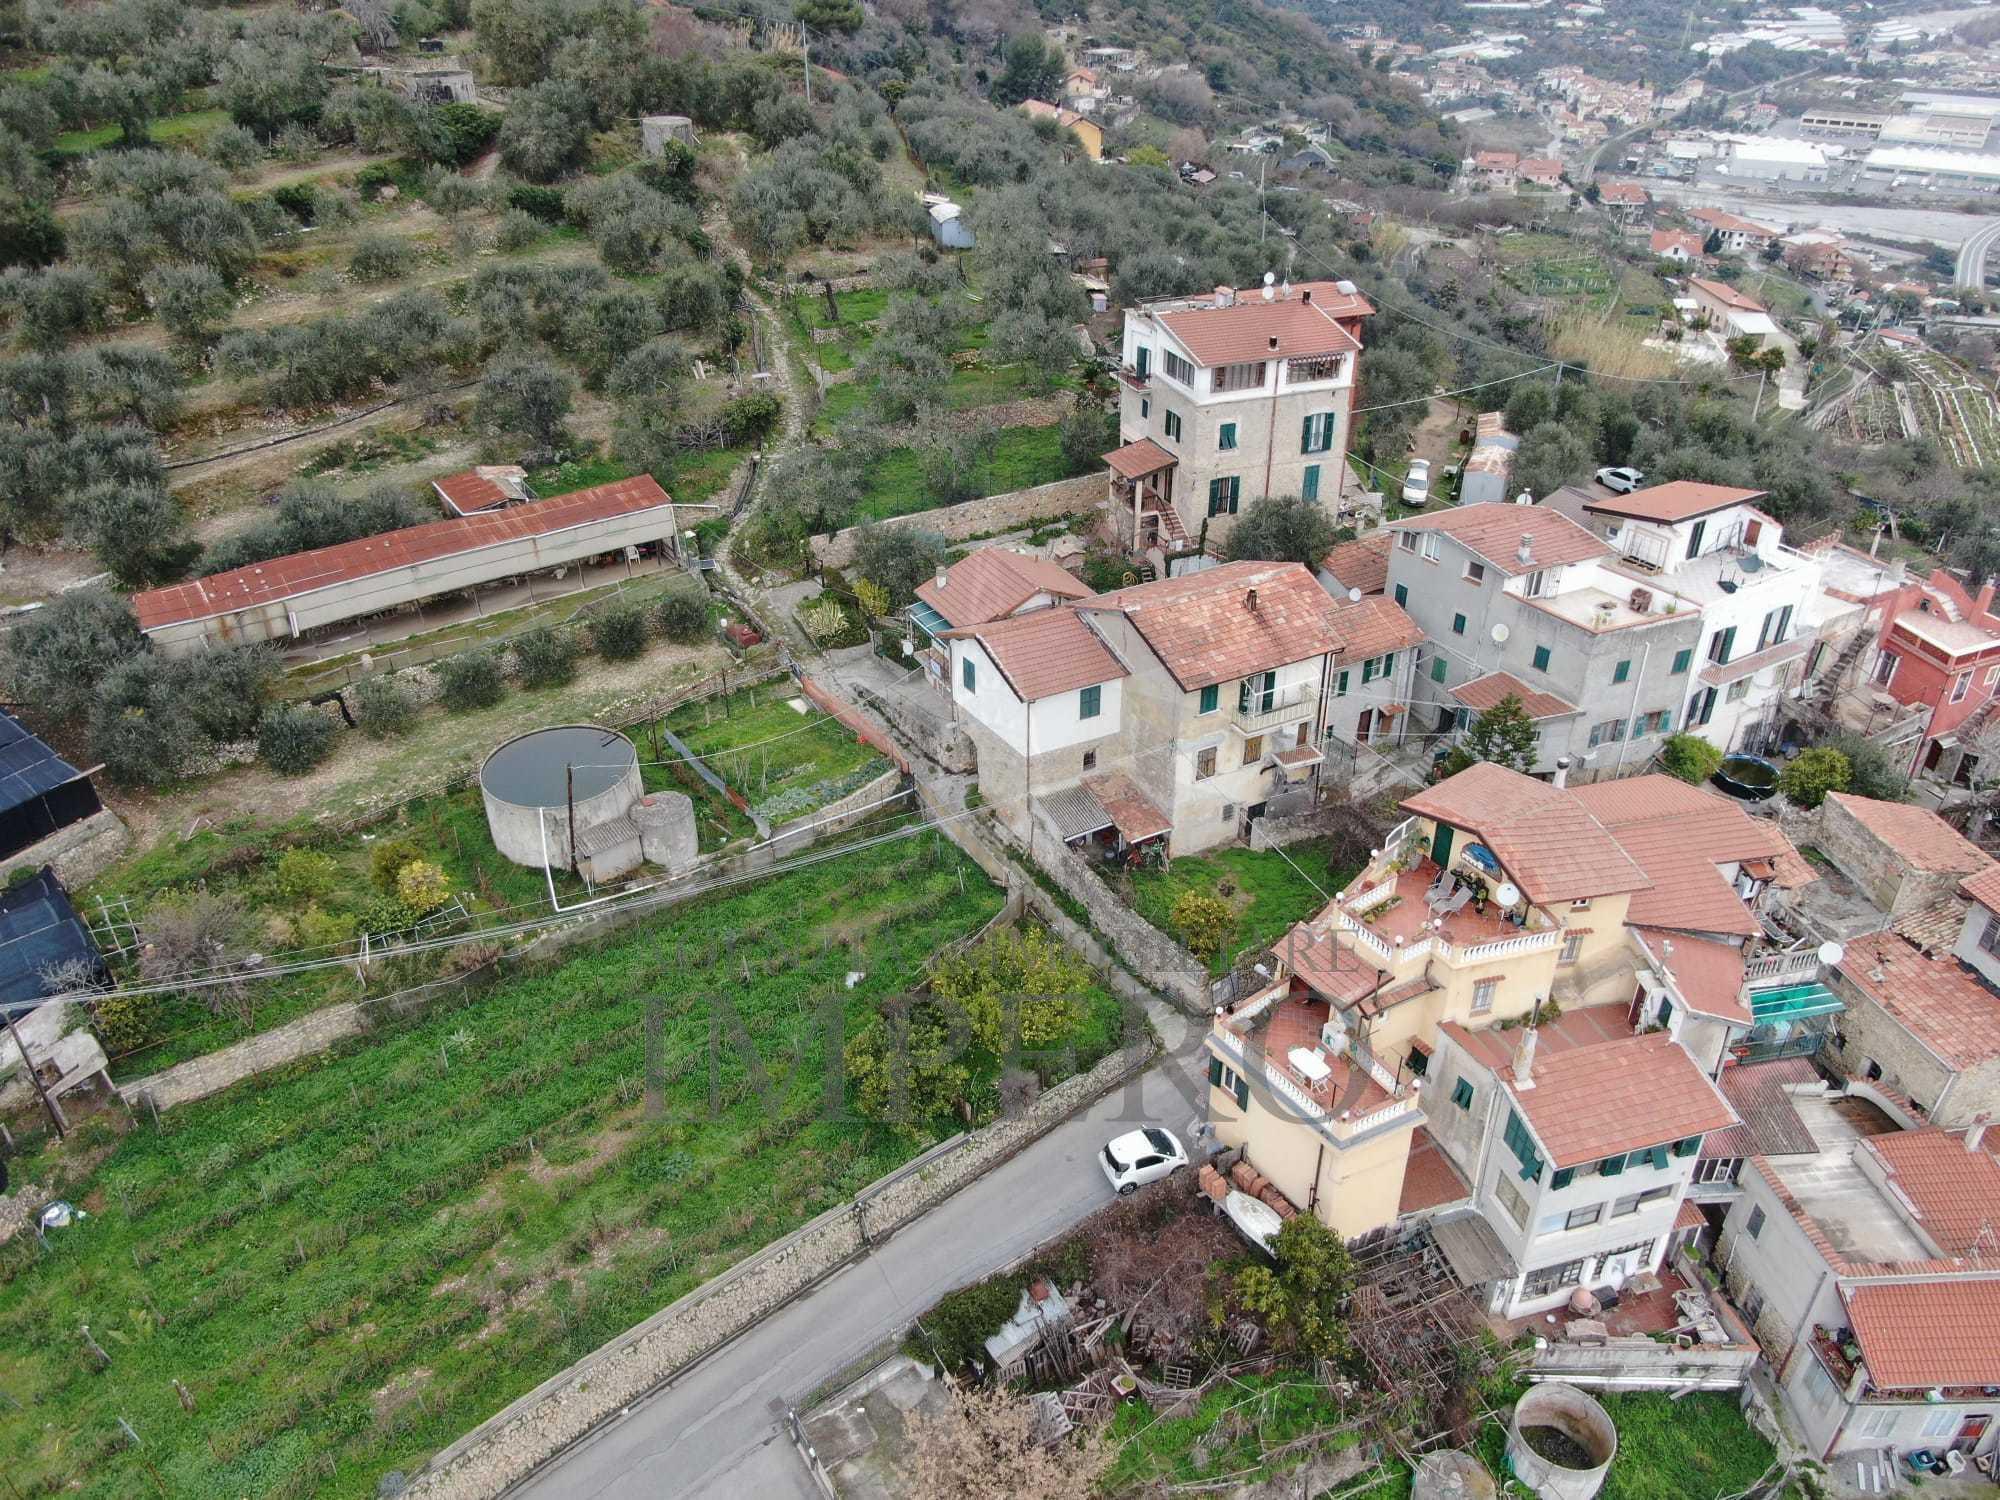 Casa, Ventimiglia - Seglia